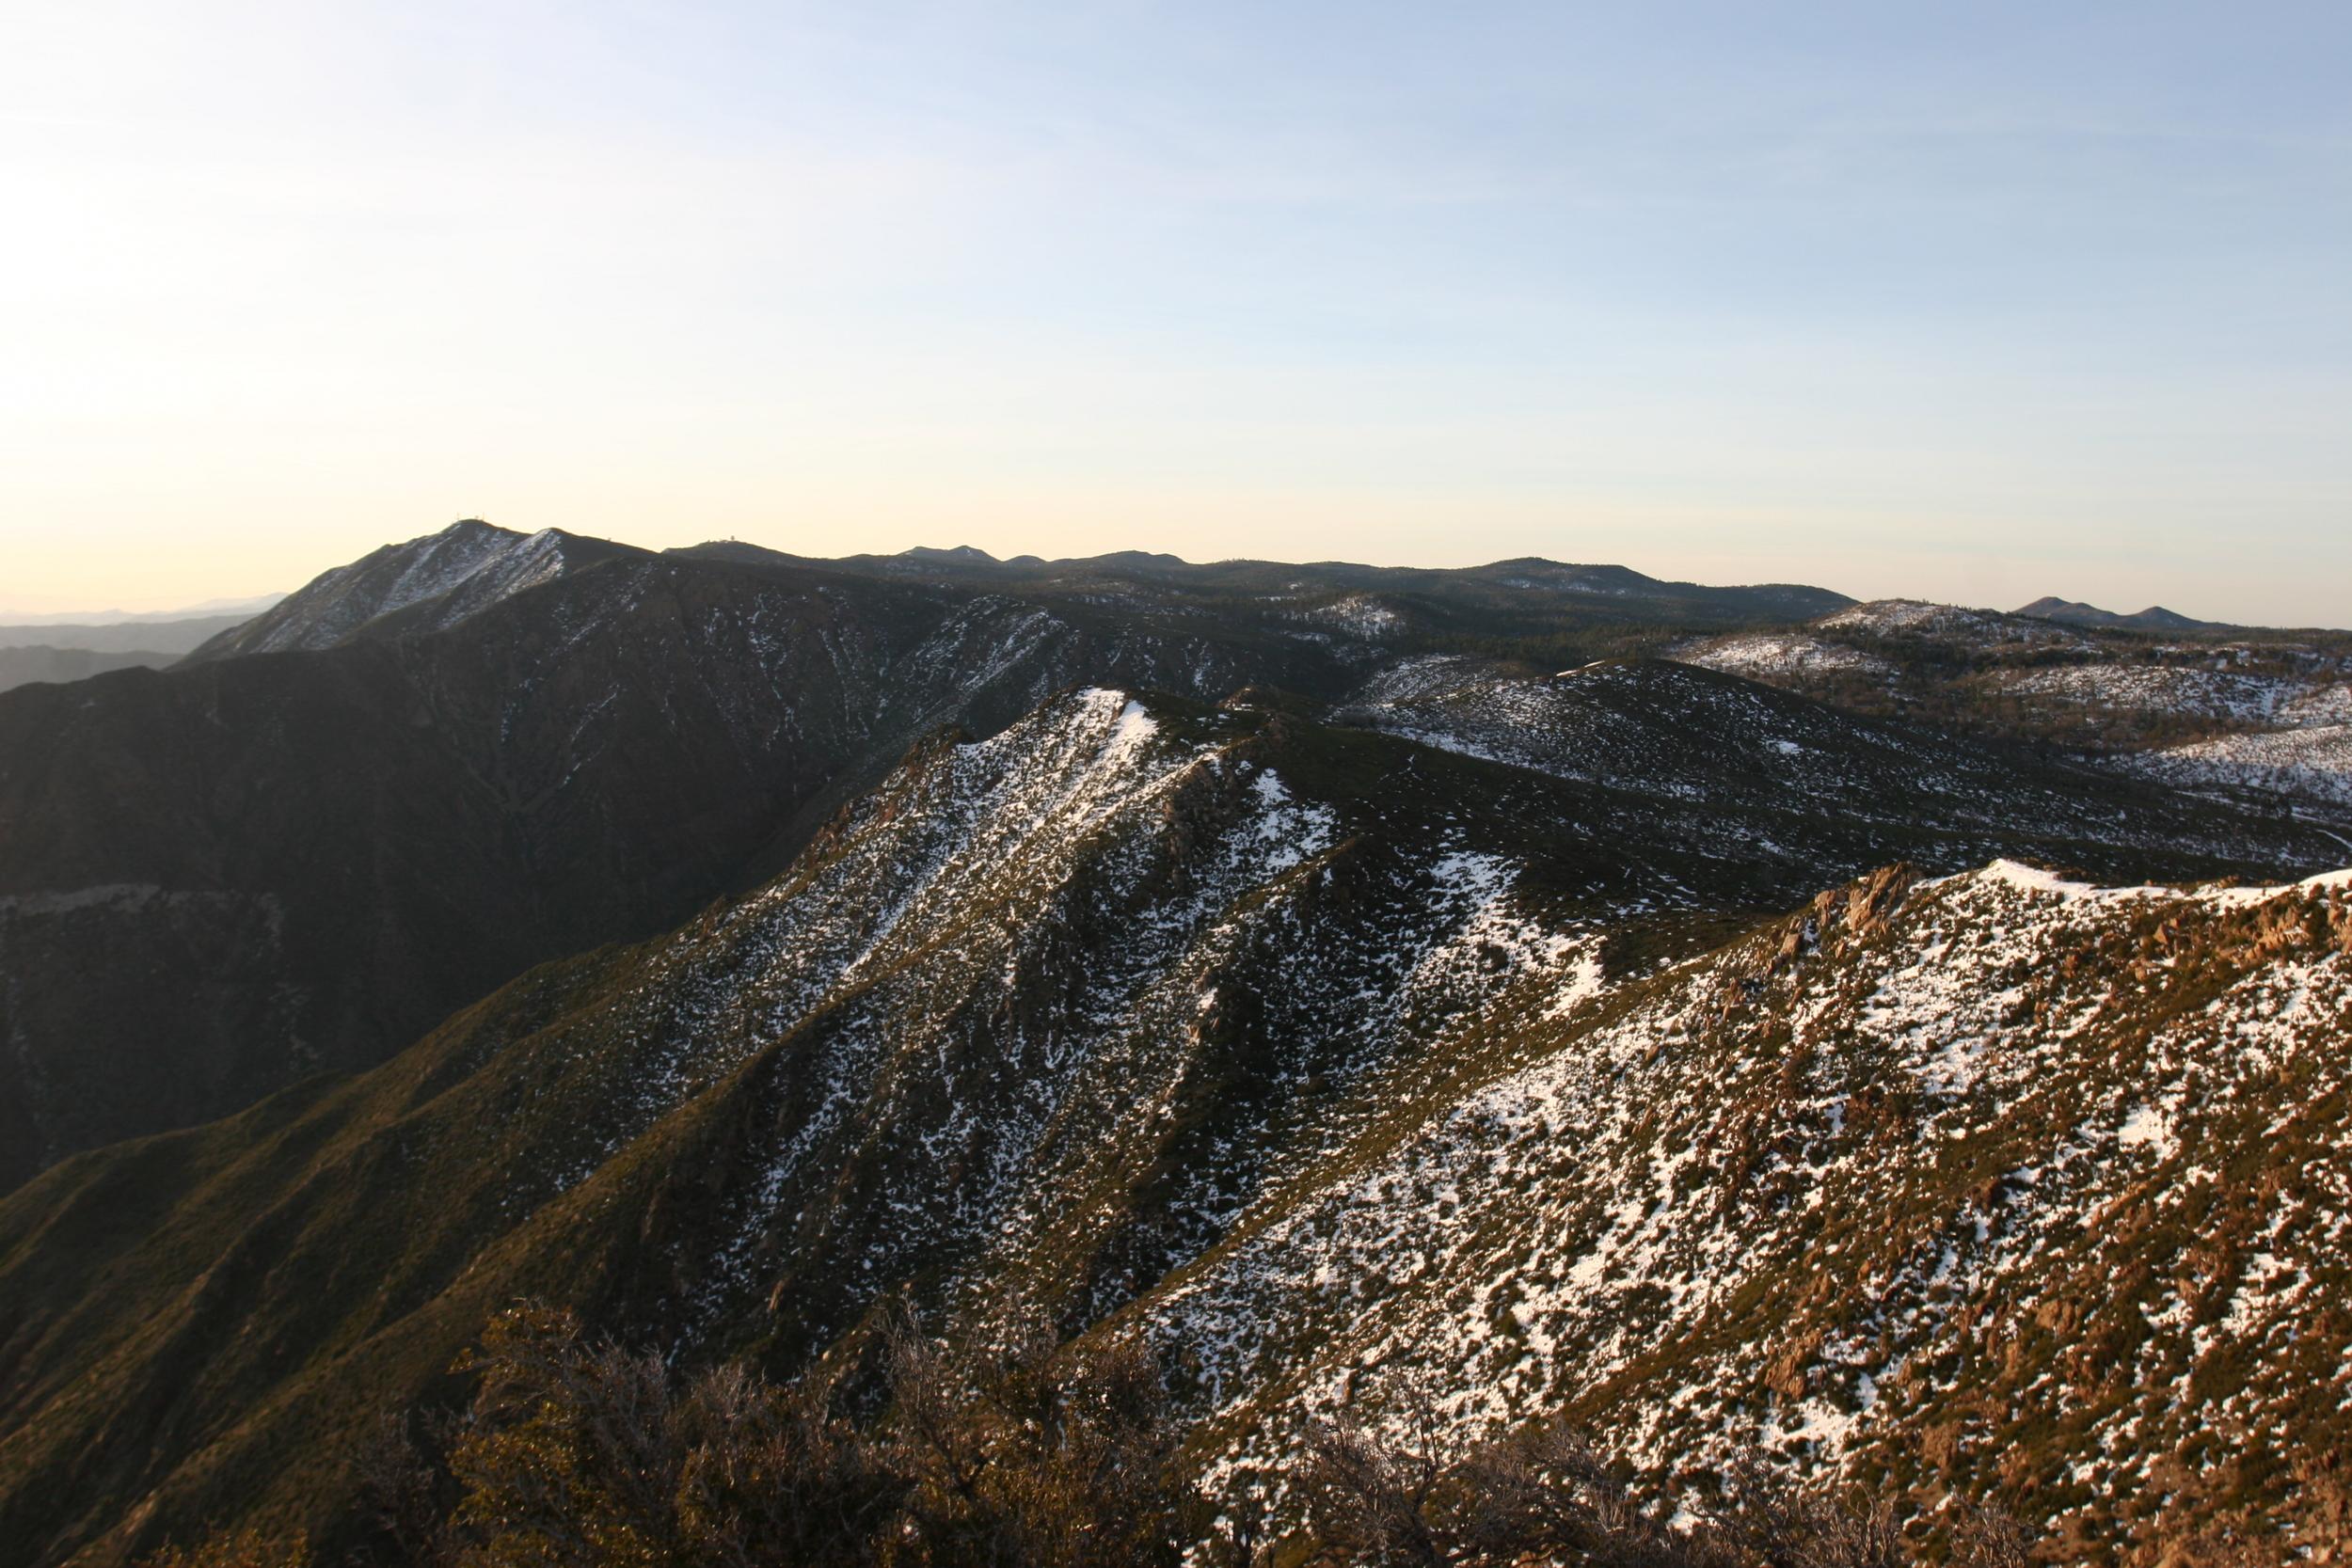 San Diego's alpine area - the Laguna Mountains